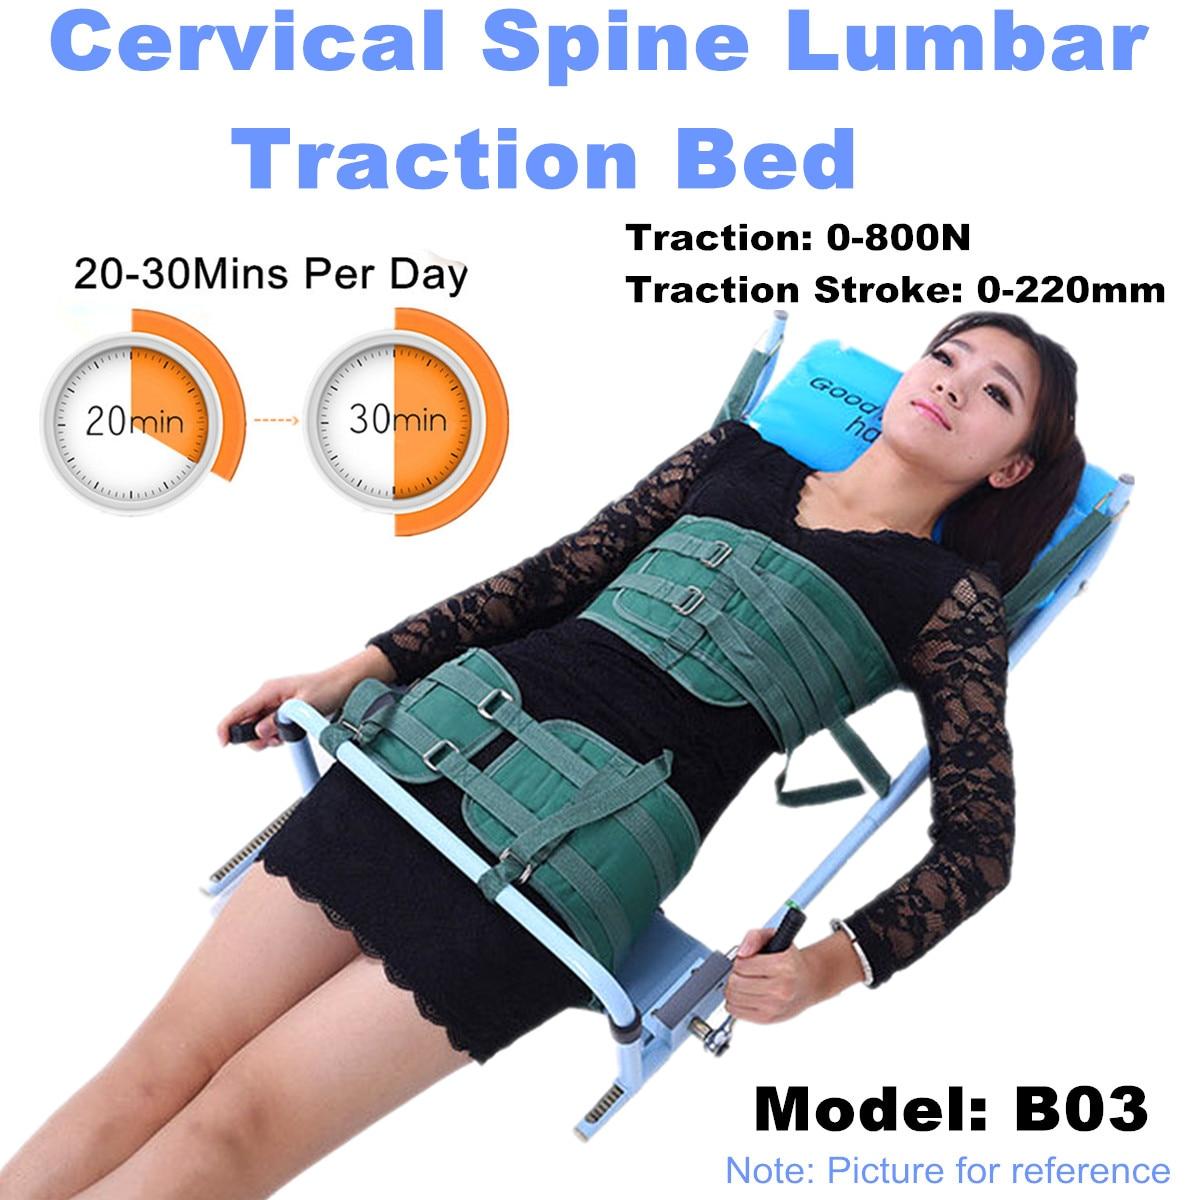 L'étirement du corps Dispositif Colonne Cervicale Lombaire Lit de Traction Colonne Vertébrale Thérapie De Massage pour le Cou et Lombaire Réduire Colonne Vertébrale Pression Conjointe